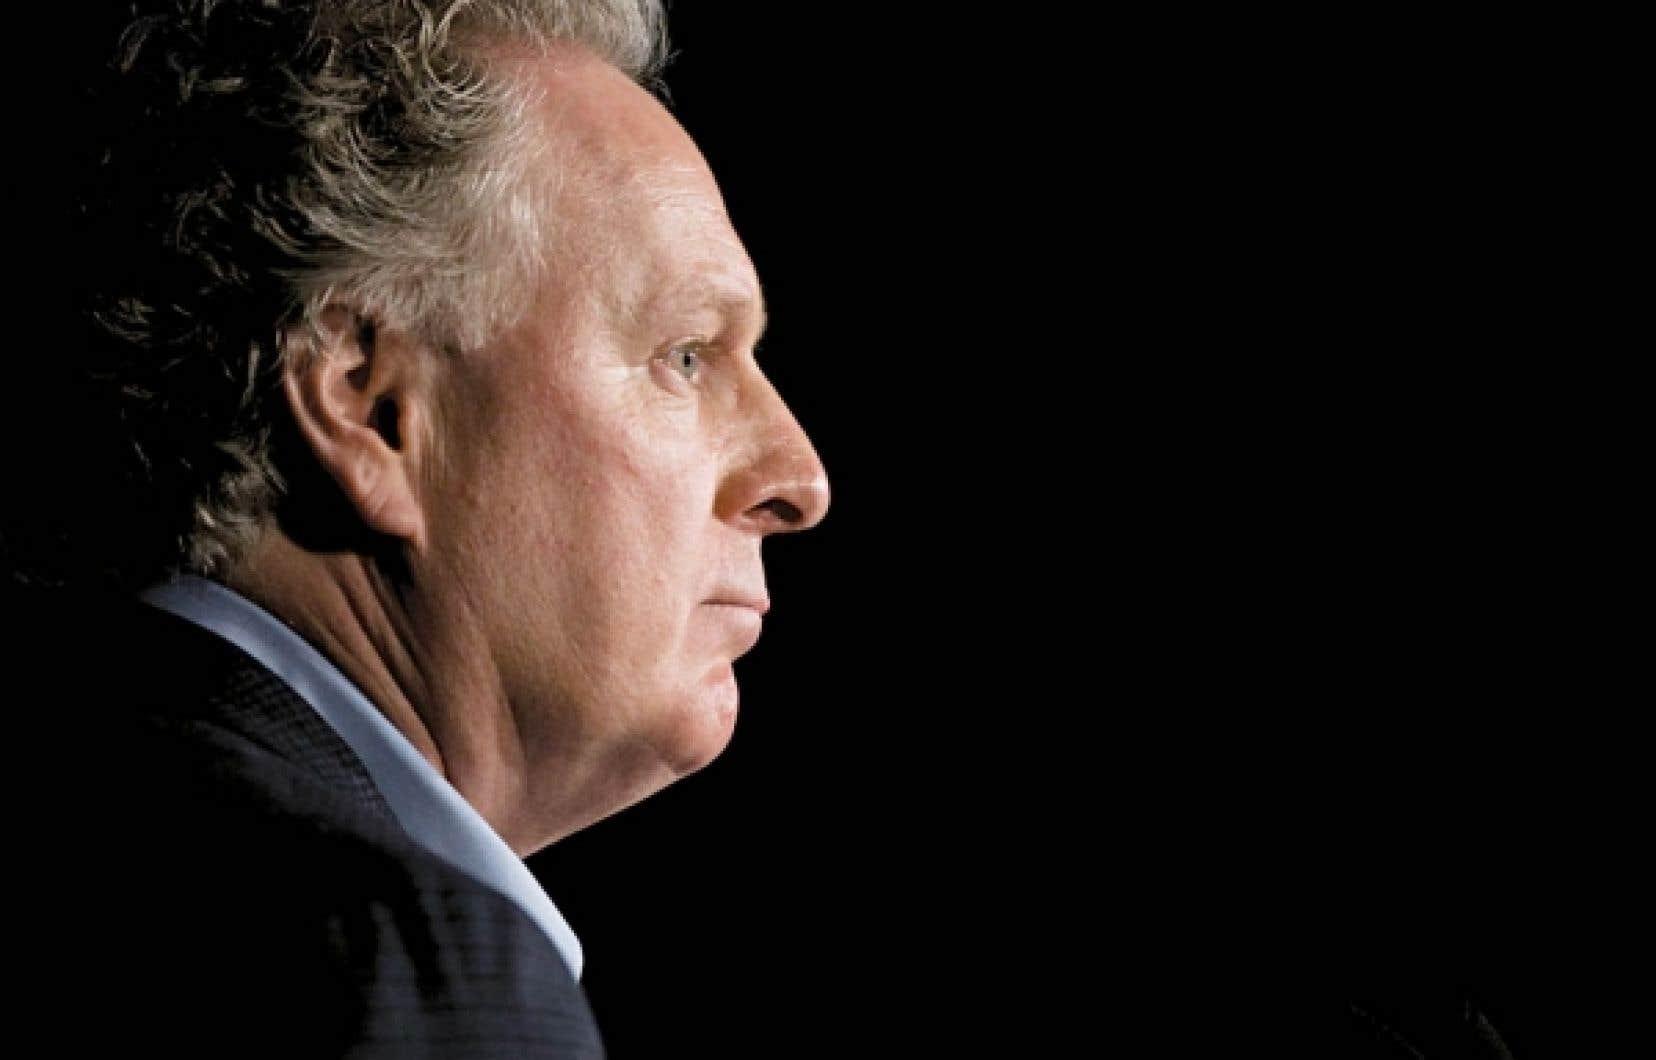 «Il [Jean Charest] a échoué. Il n'a pas réformé le Québec tel qu'il l'avait dit, il n'a pas remis le Québec sur ses rails. Et en particulier, il n'a pas réussi à redonner confiance à la population et à vaincre le cynisme qui commençait déjà à s'installer. C'est son plus grand échec», dit Jean-Claude Gobé.